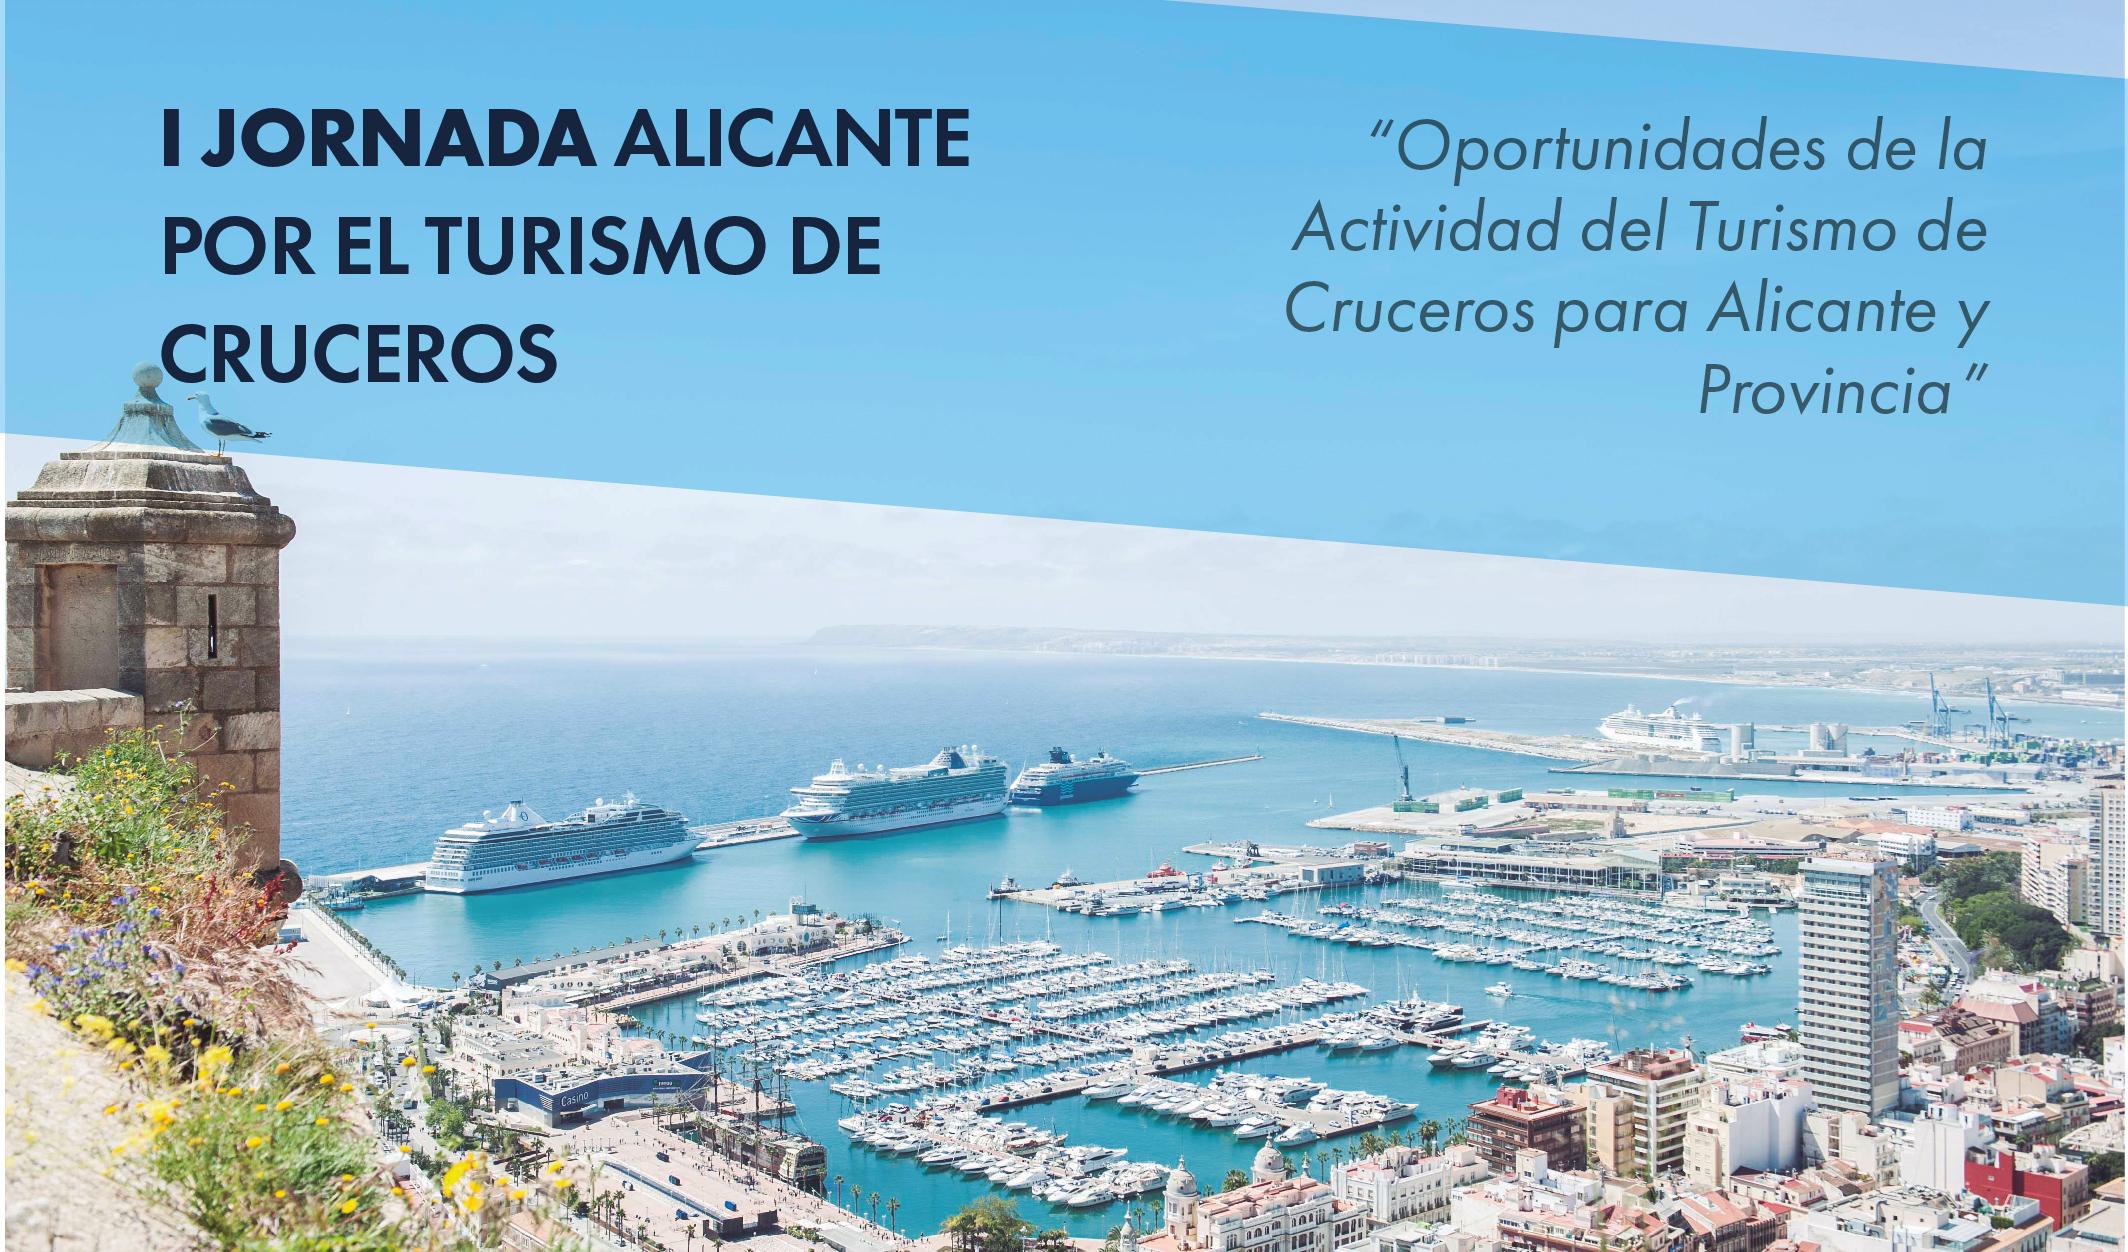 I Jornada Alicante por el Turismo de Cruceros